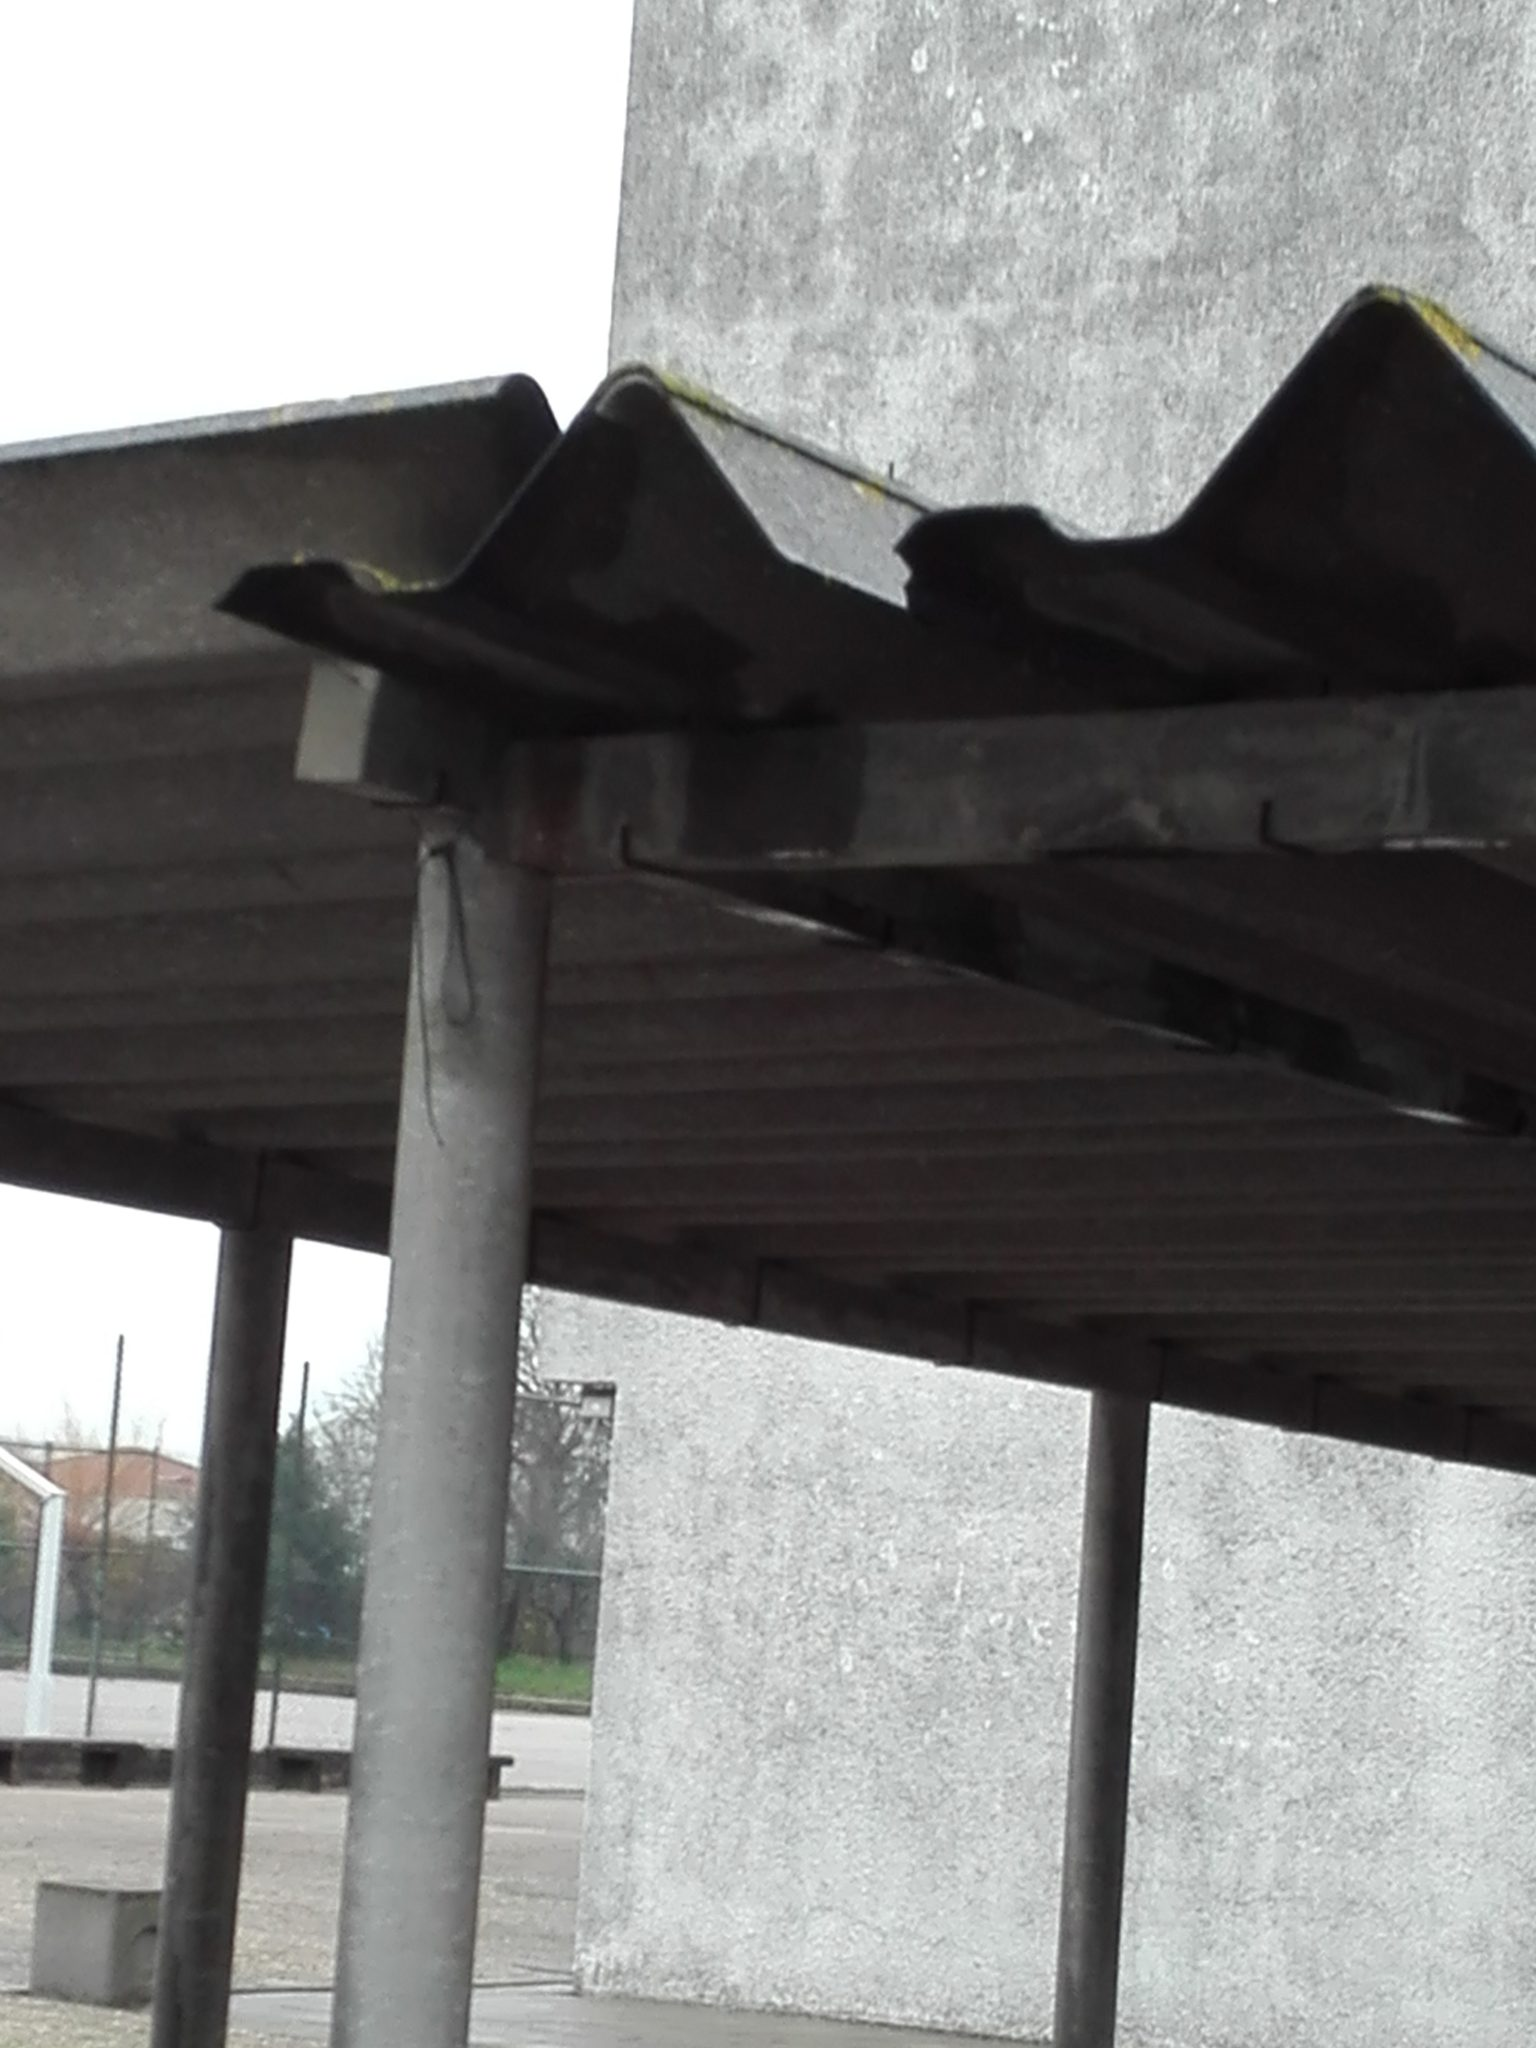 Foto 4- A degradação do material que, segundo a OMS, constitui um perigo acrescido para a saúde ambiental por libertar fibras para o ar